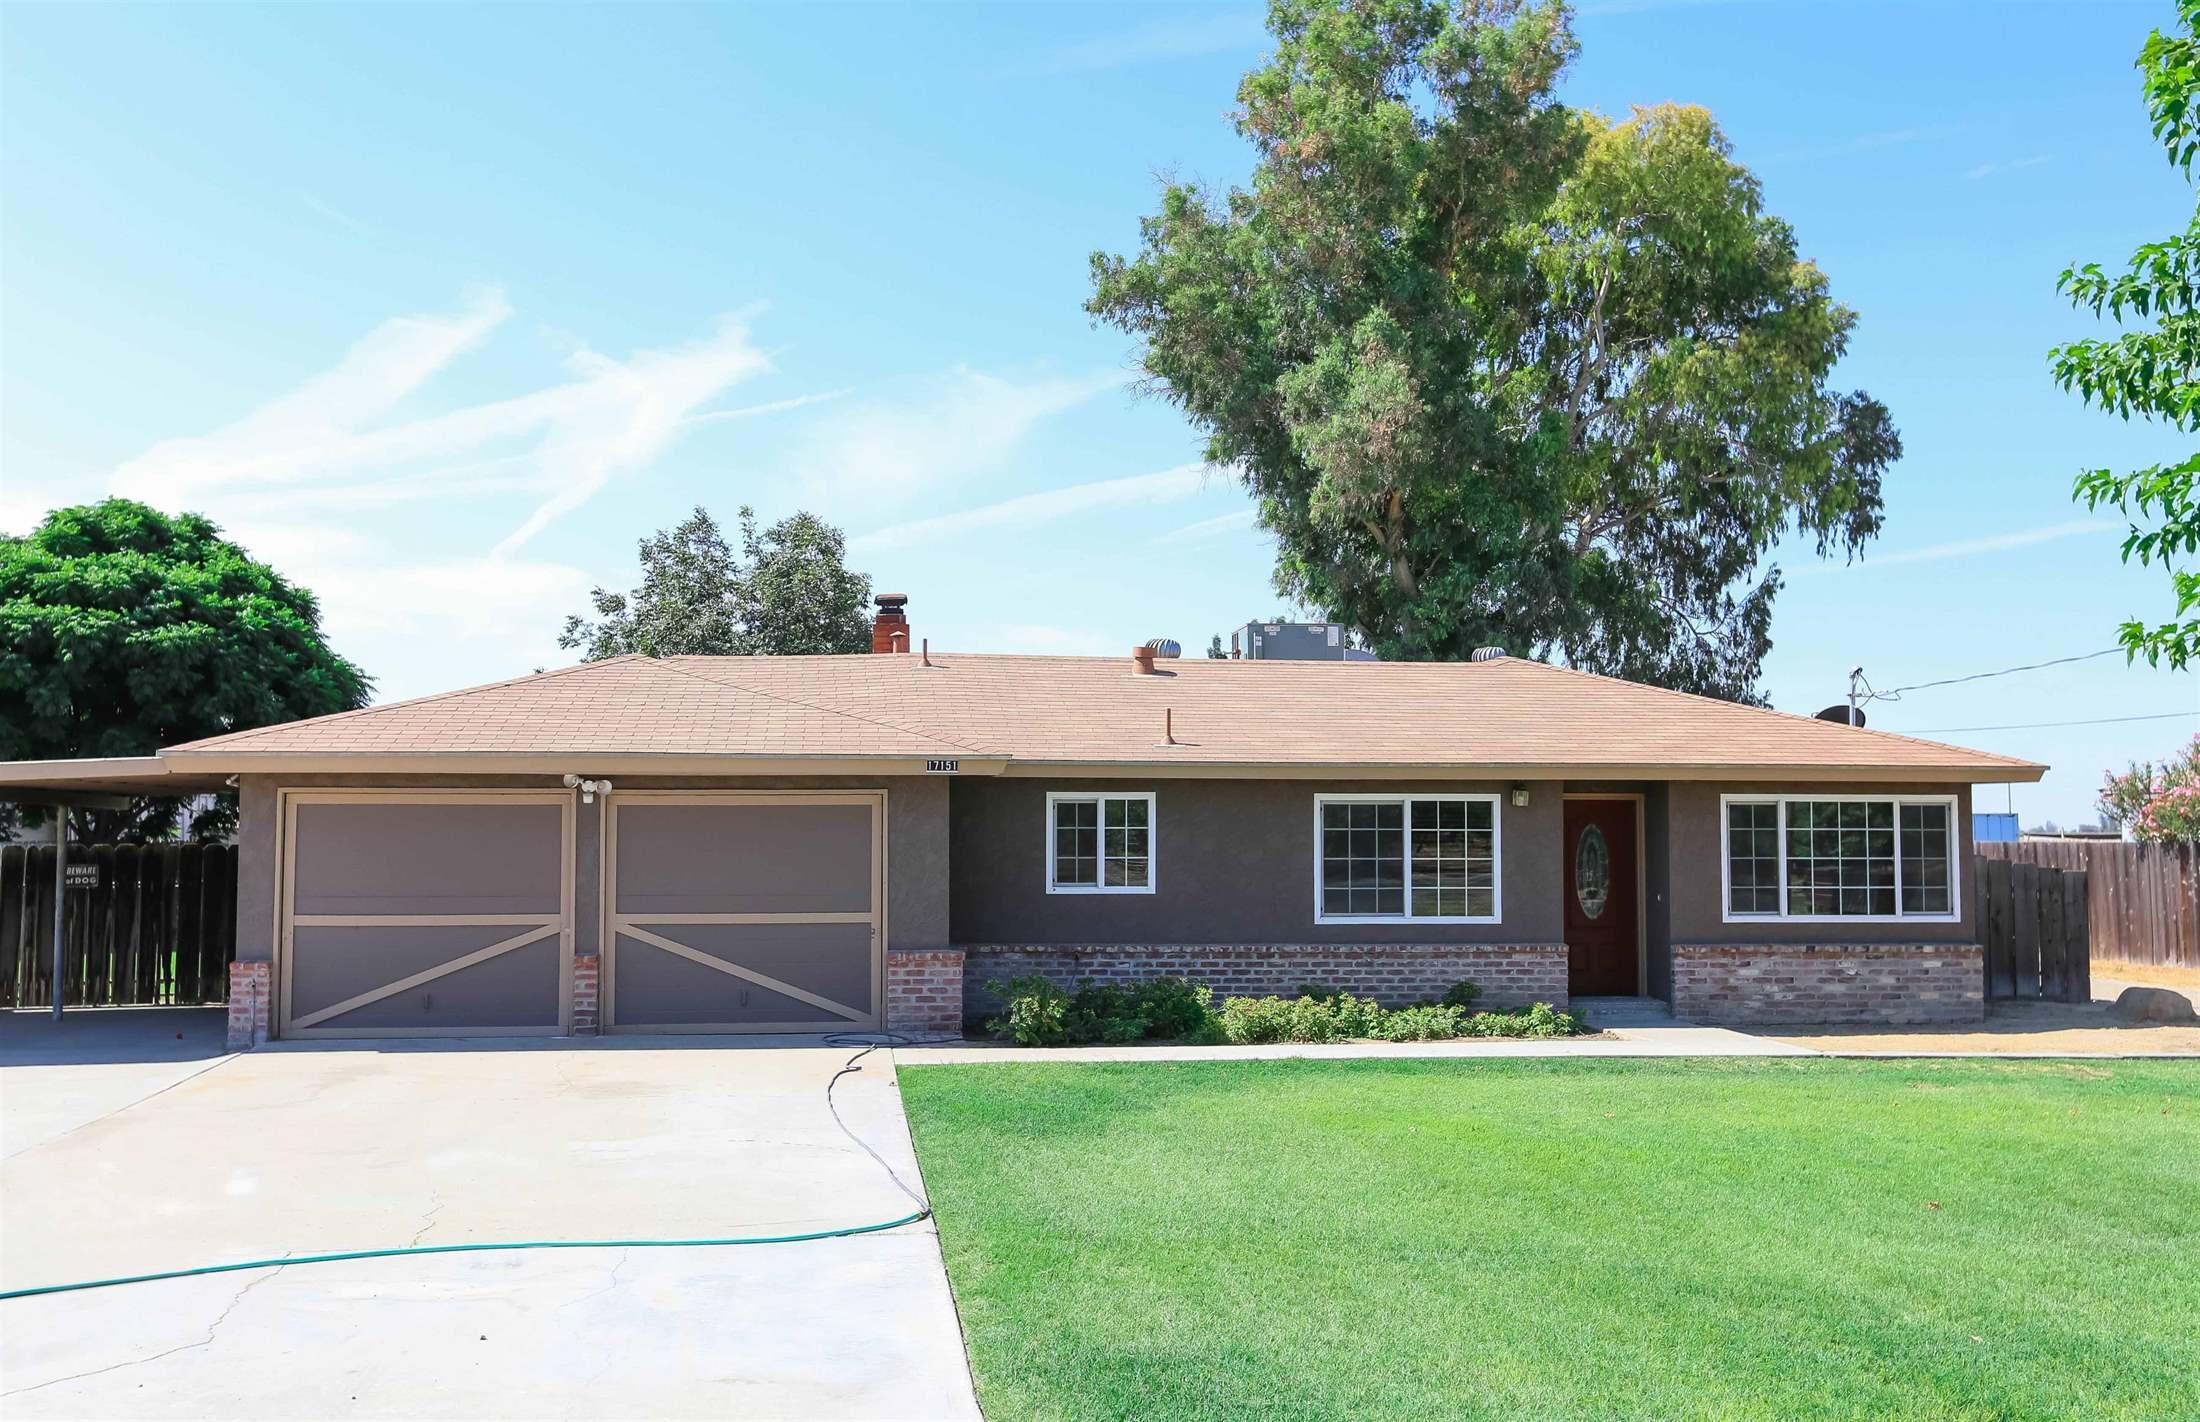 17151 Iona Ave, Lemoore, CA 93245